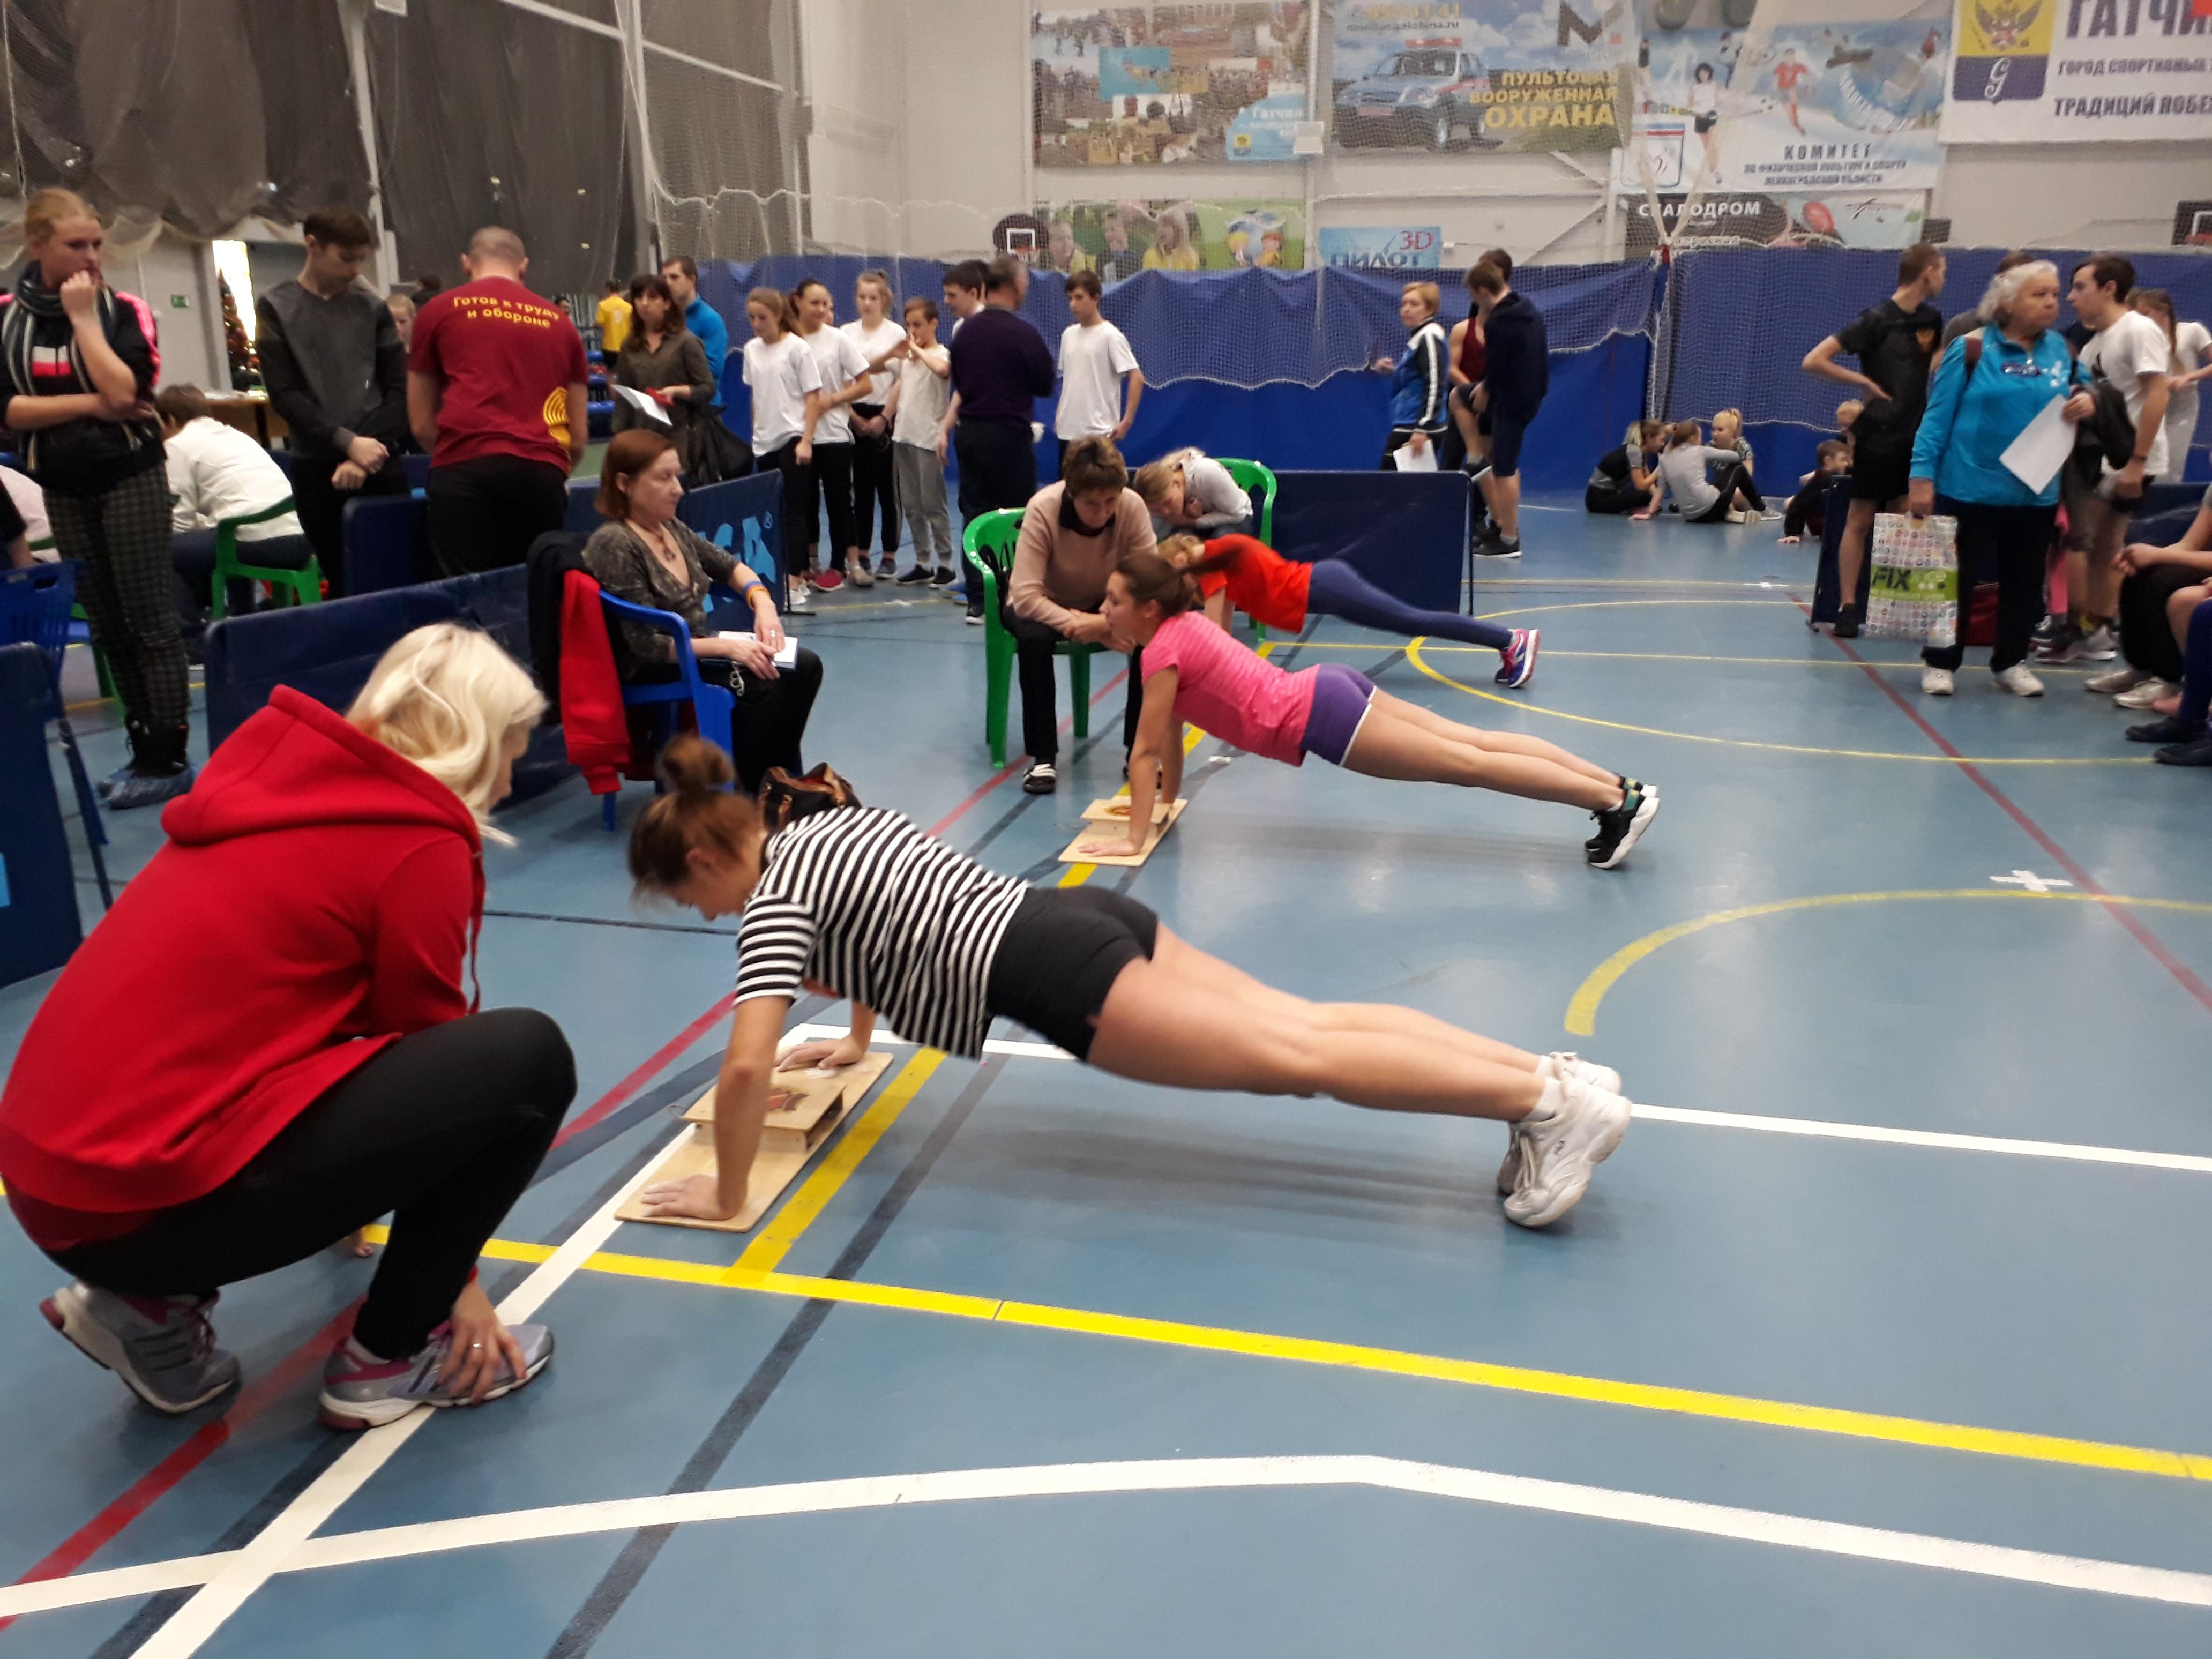 Итоги финальных соревнования по общей физической подготовке